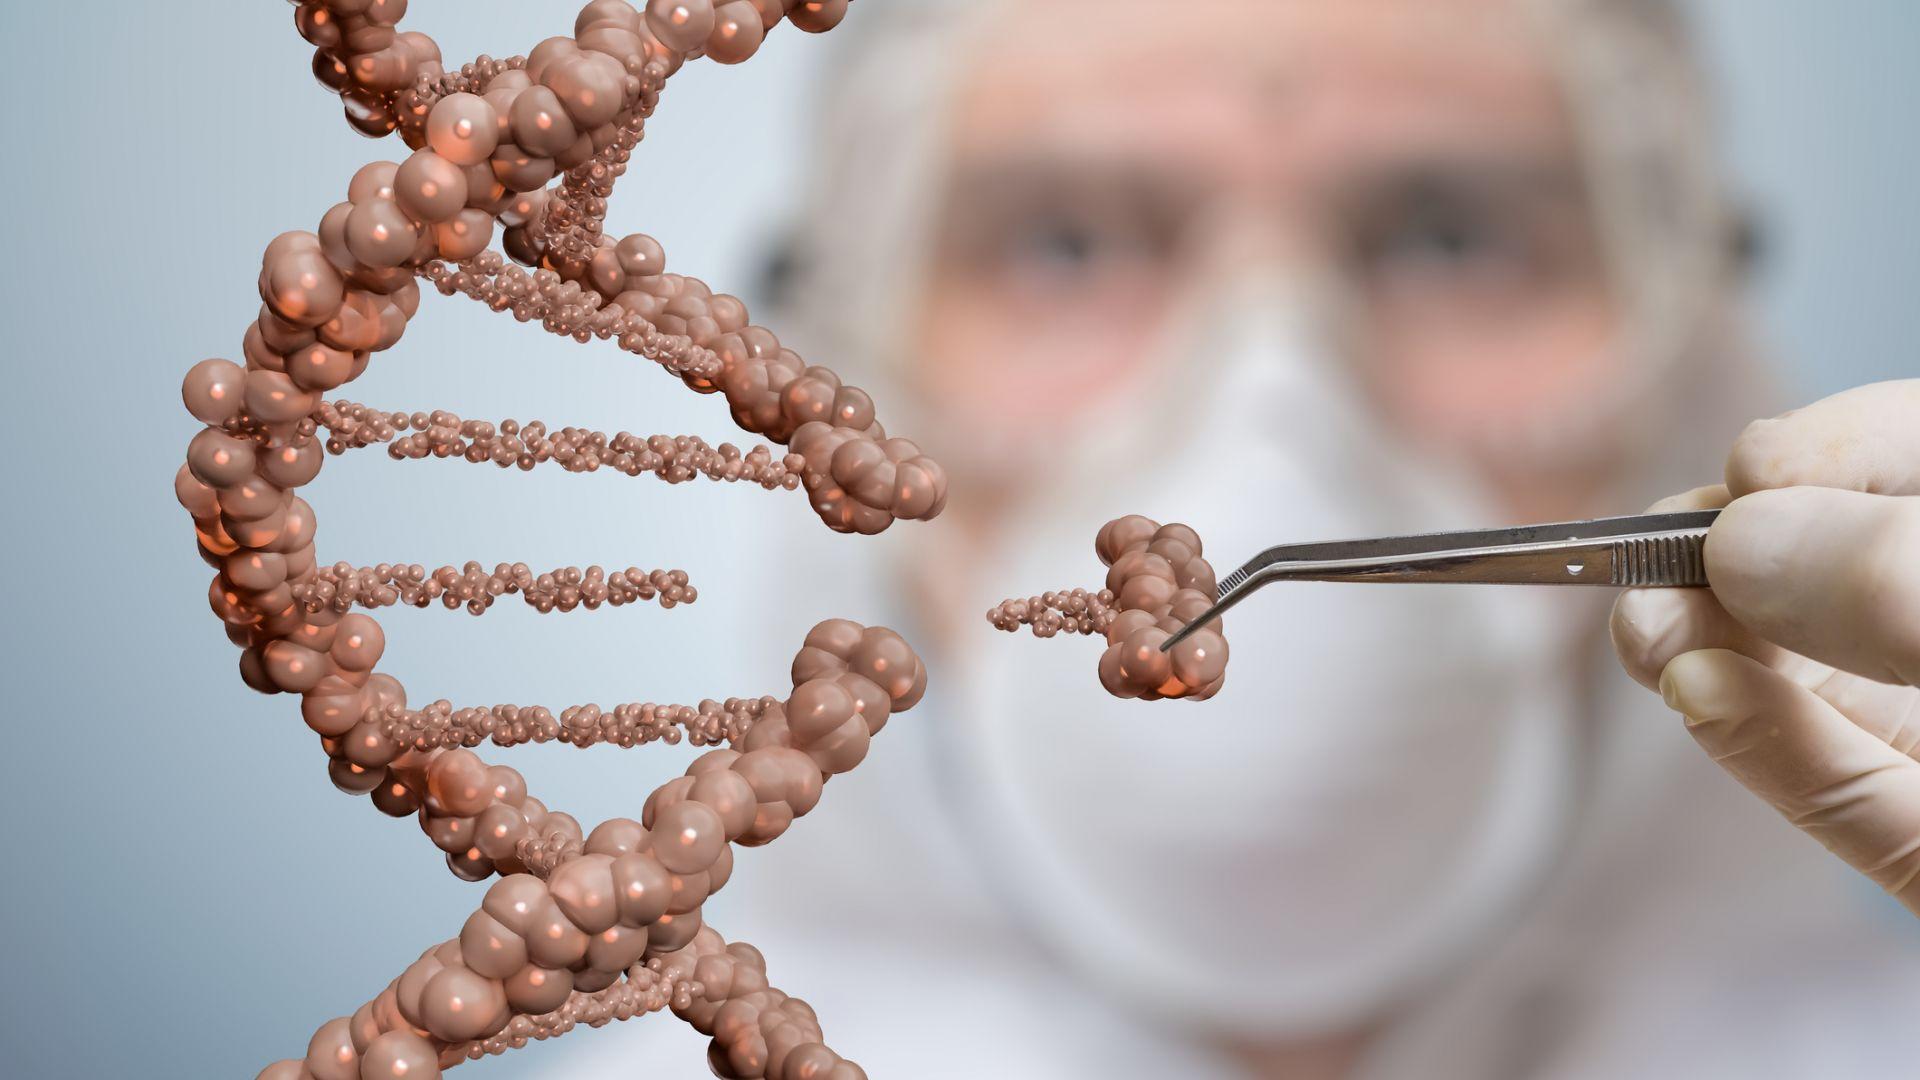 ДНК биокомпютър може да се ползва за калкулатор